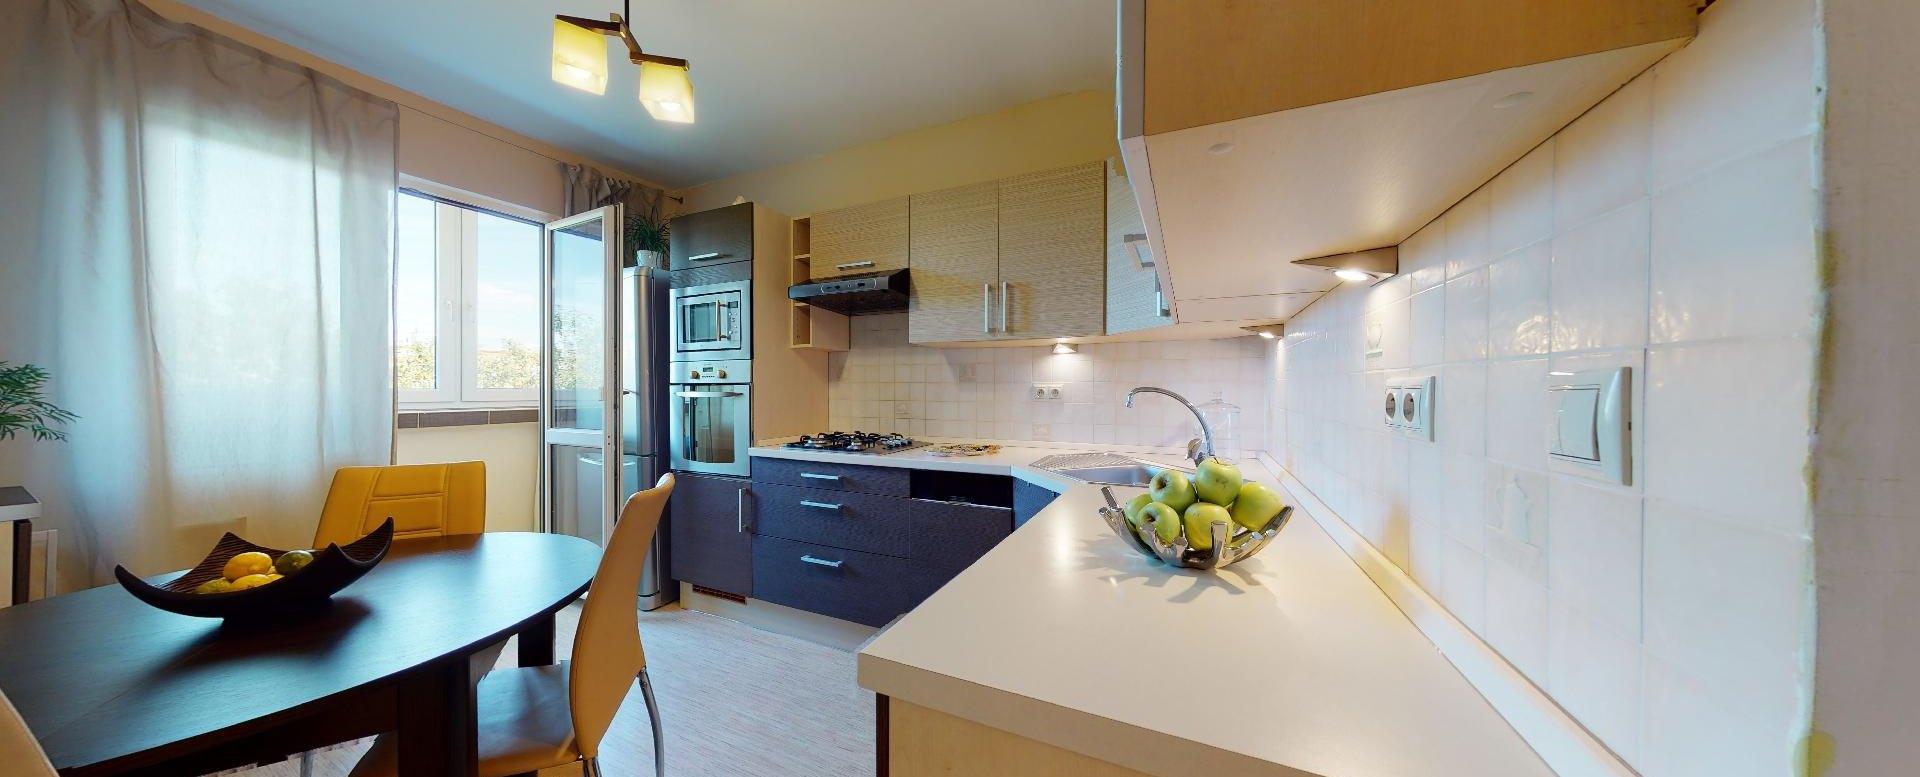 Kuchyňa v byte vstup